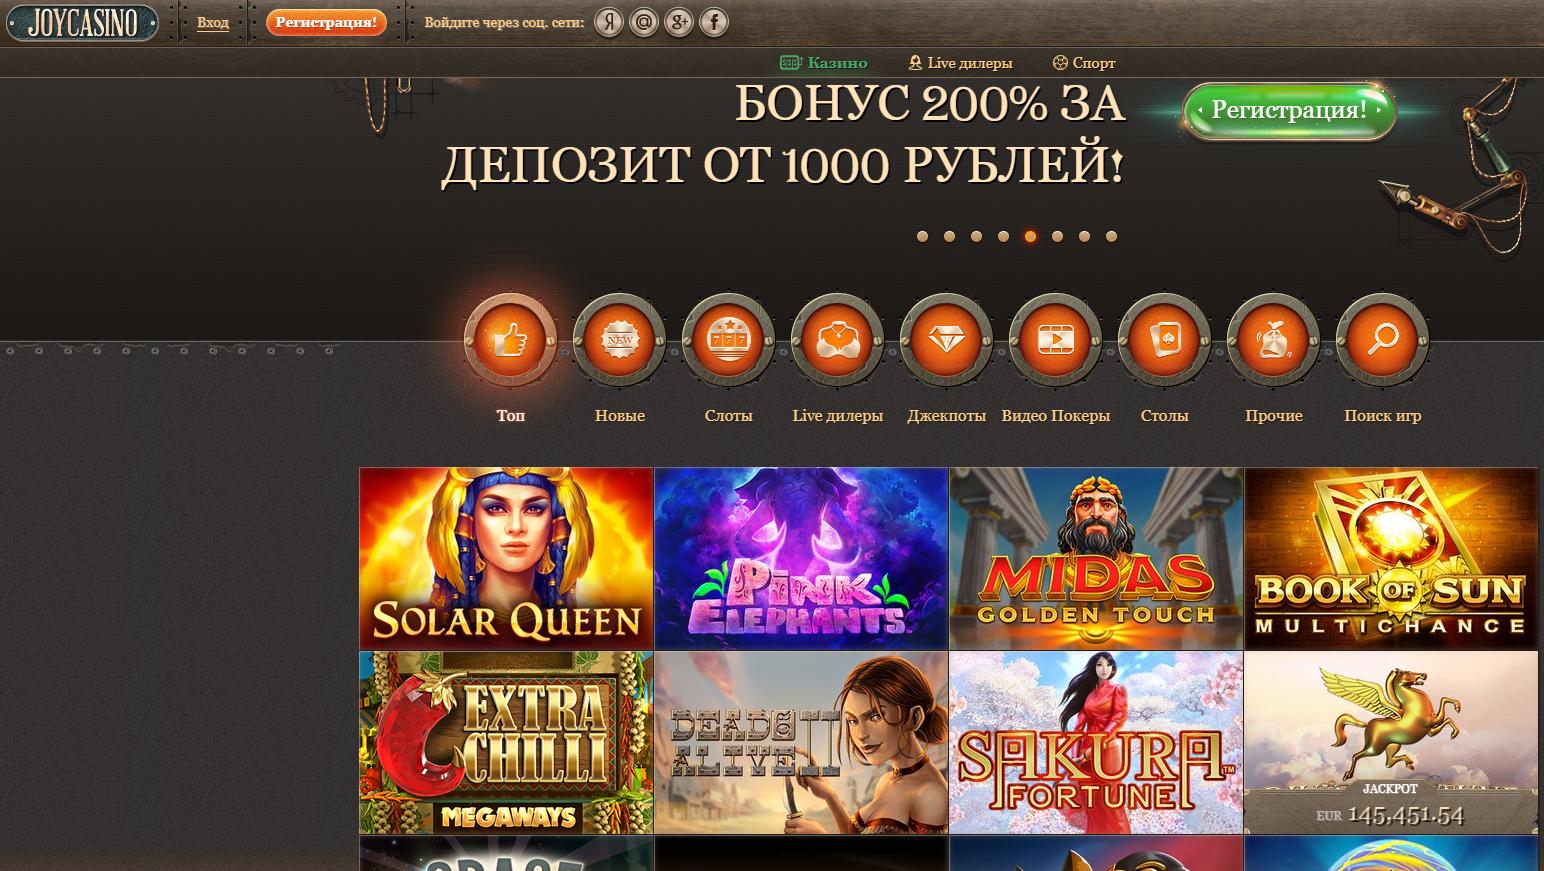 Visit Обзор казино JoyCasino